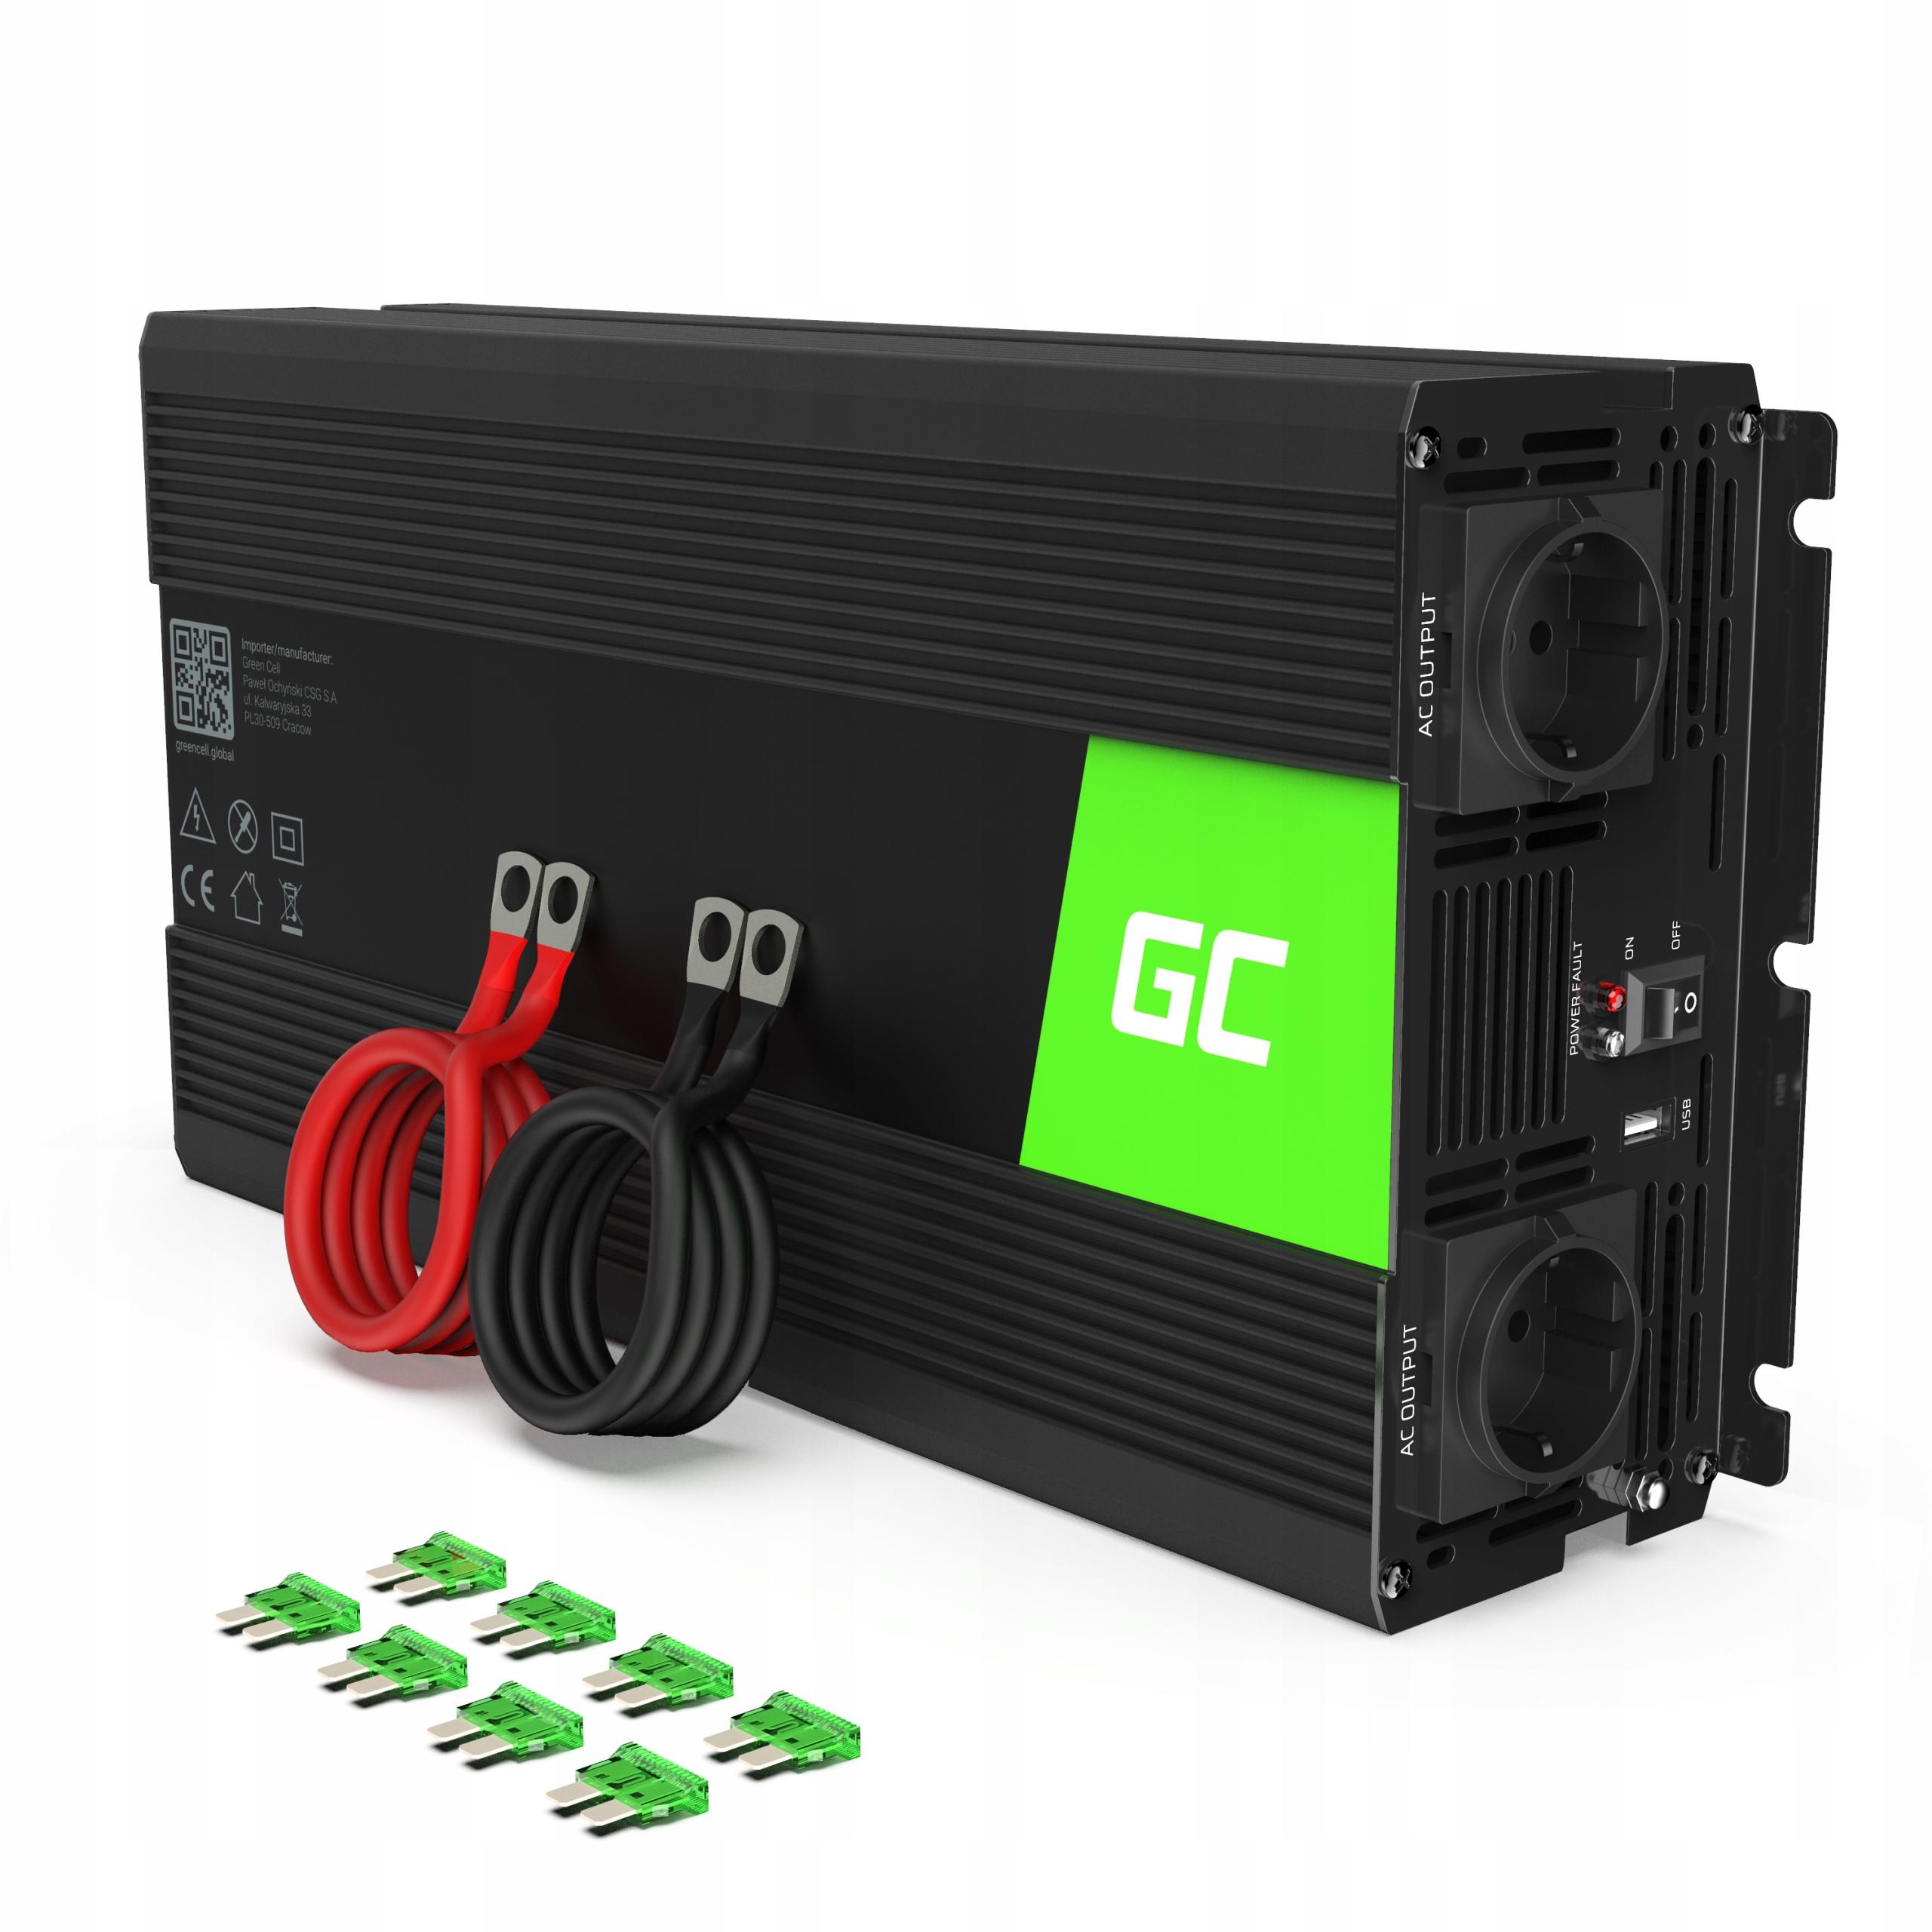 Przetwornica Prądu Napięcia GC 12V 230V 3000W